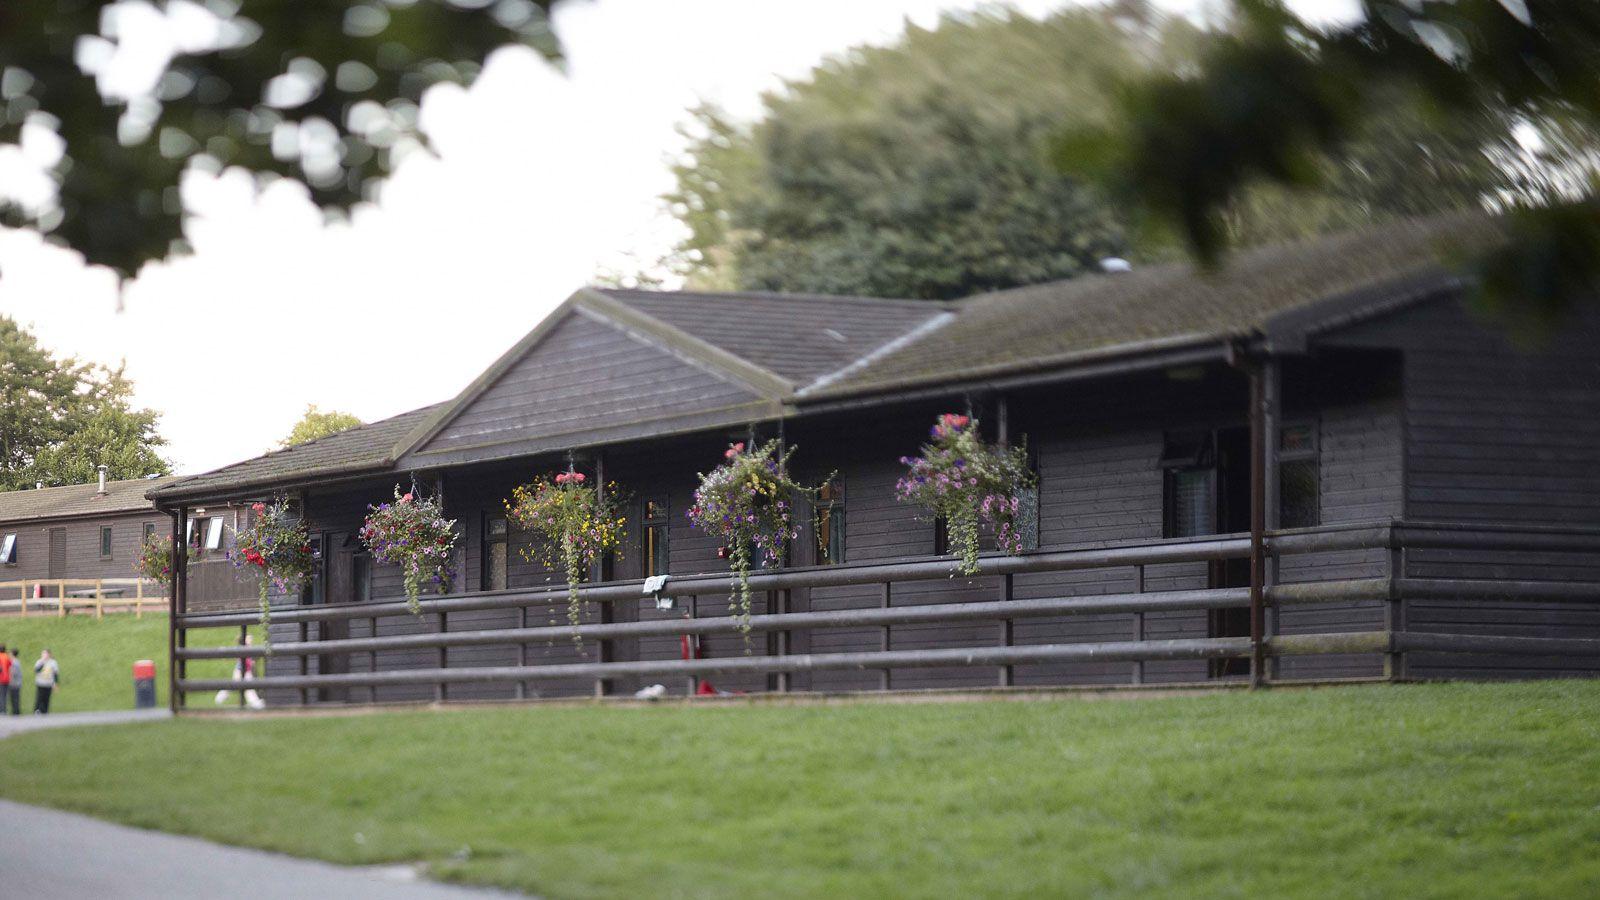 Family Activity Holidays In Shropshire At Pgl Boreatton Park